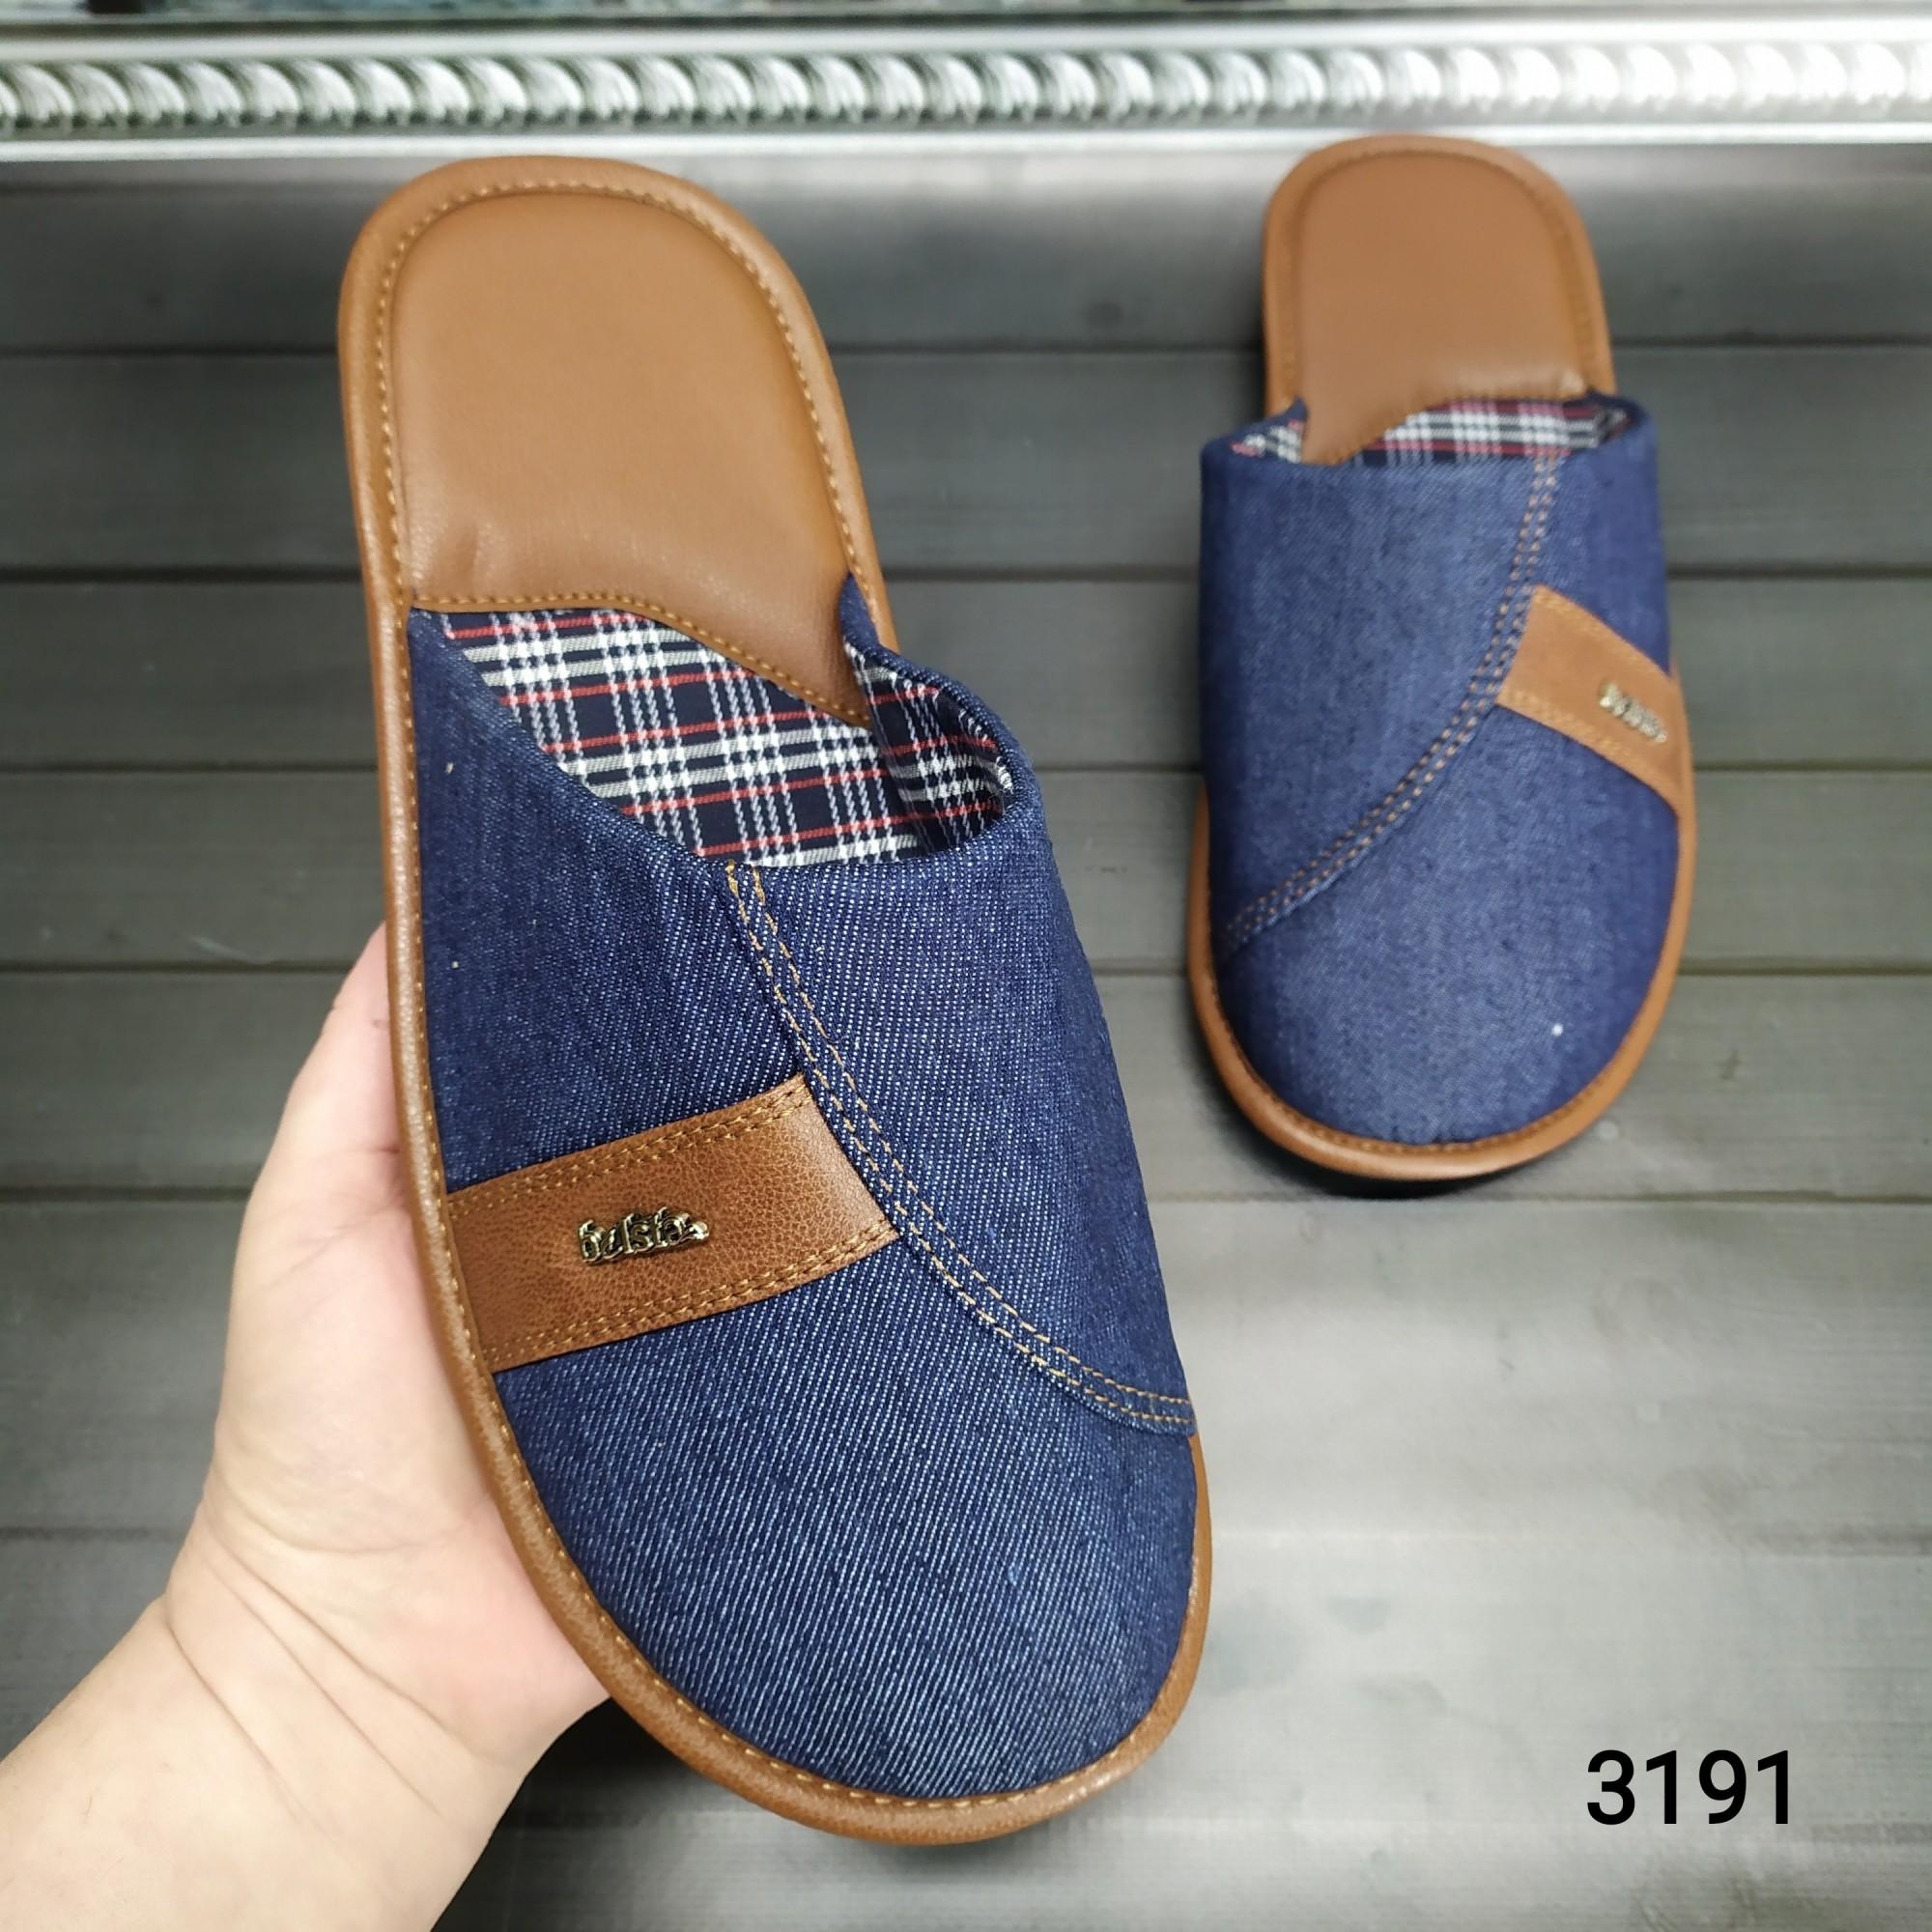 Тапочки мужские домашние Белста синие под джинс закрытые 44р (28,5 см)